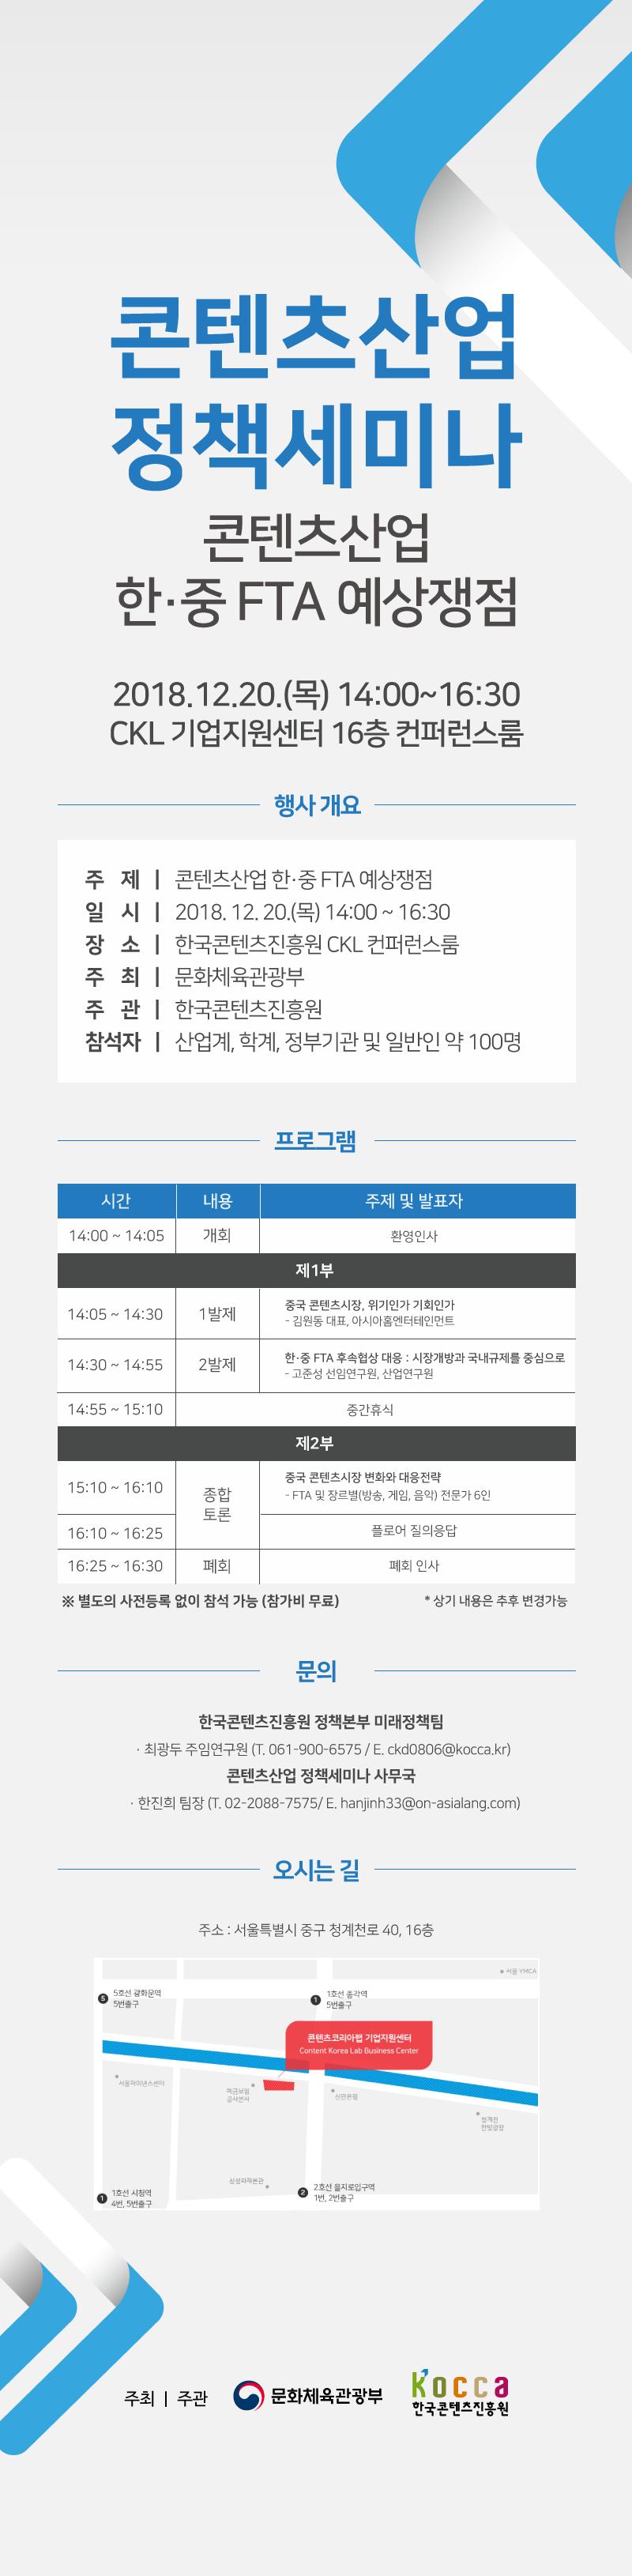 콘텐츠산업_정책세미나_개최_안내_이미지_1